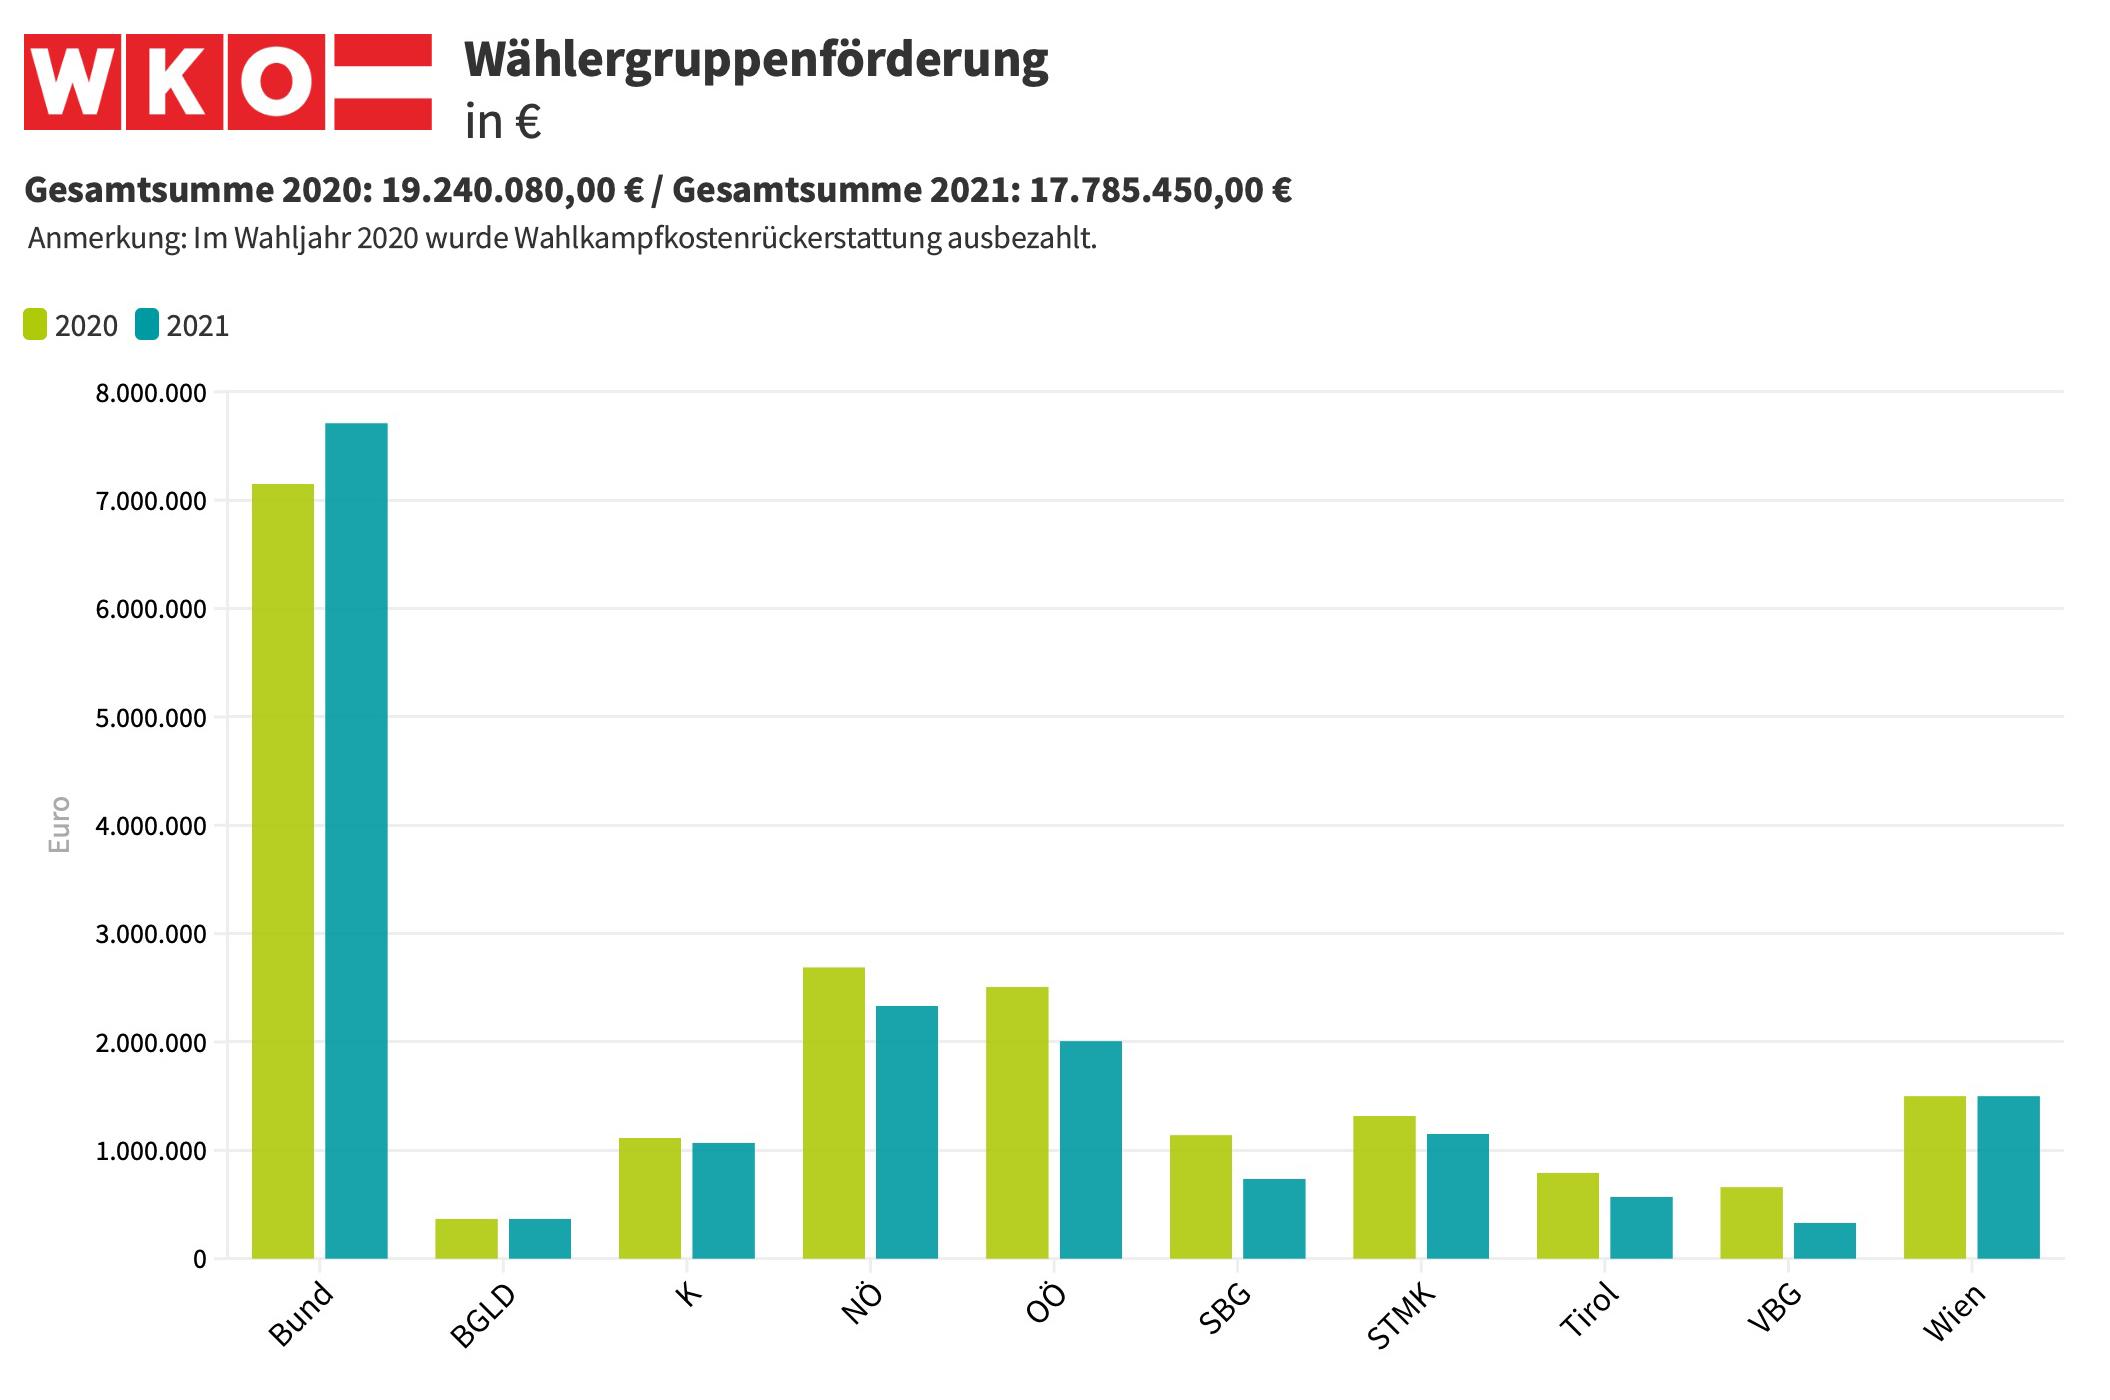 Wählergruppenförderung WKO 2020-2021